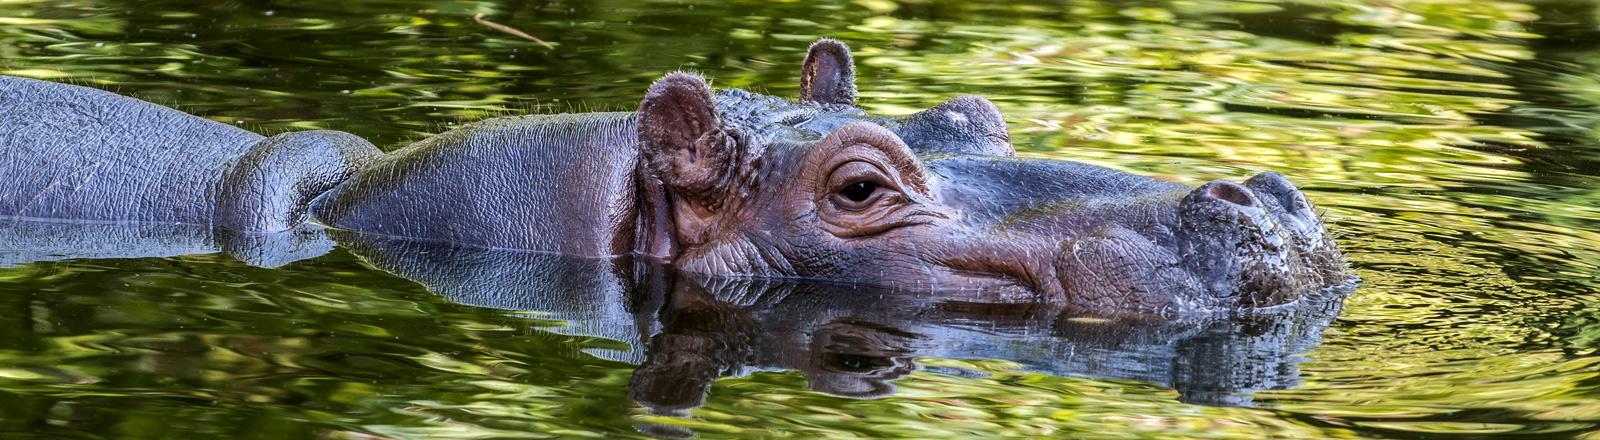 Nilpferd im Zoo Antwerpen